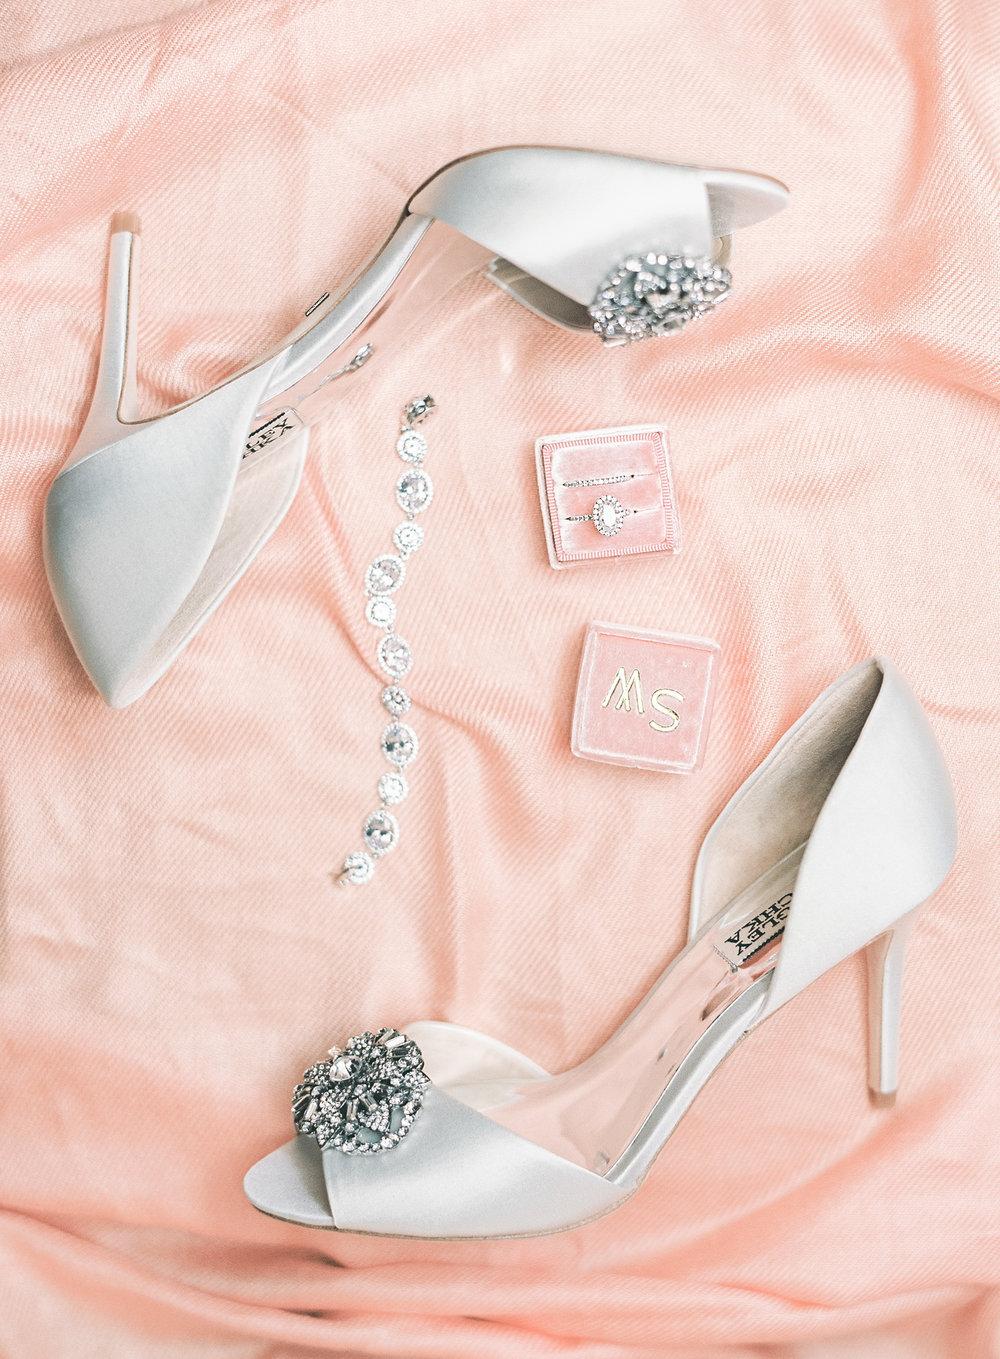 Wedding Day Details Checklist | Charleston, Philadelphia, Atlanta ...